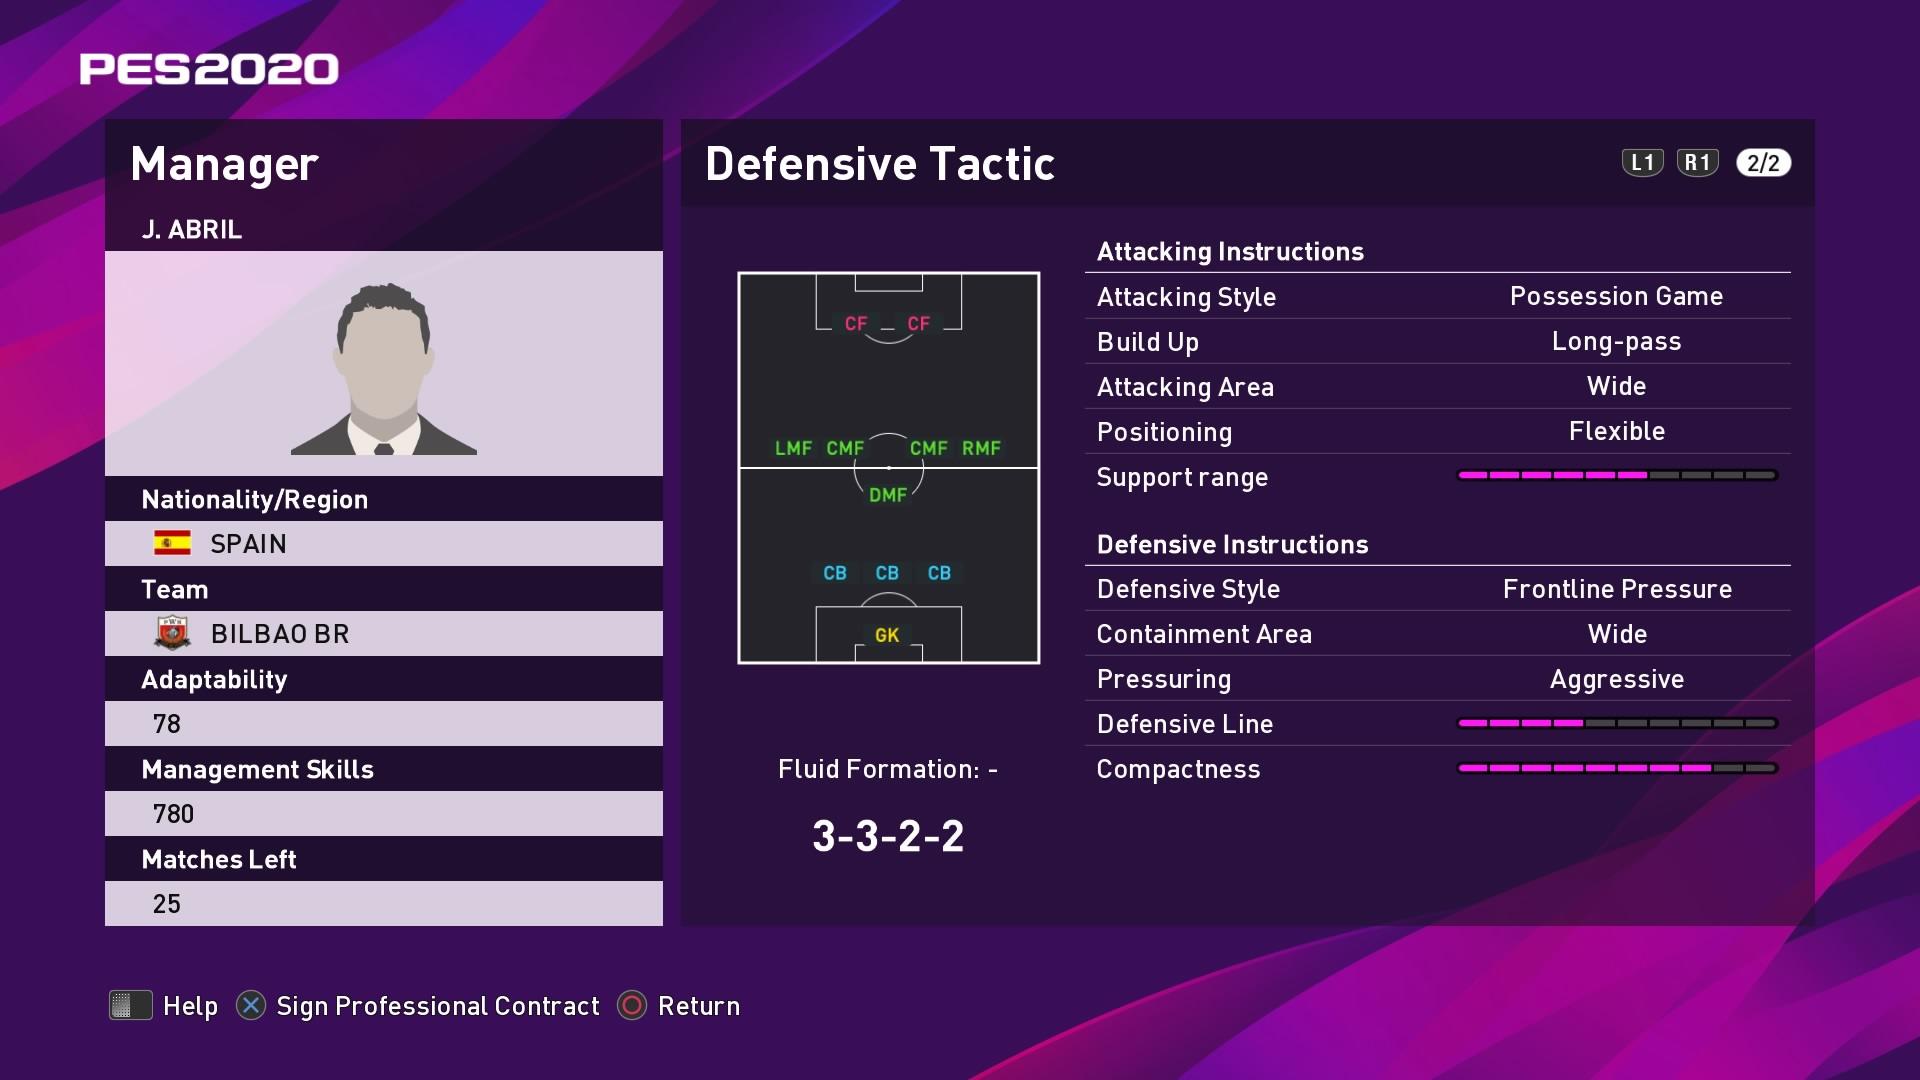 J. Abril (Gaizka Garitano) Defensive Tactic in PES 2020 myClub